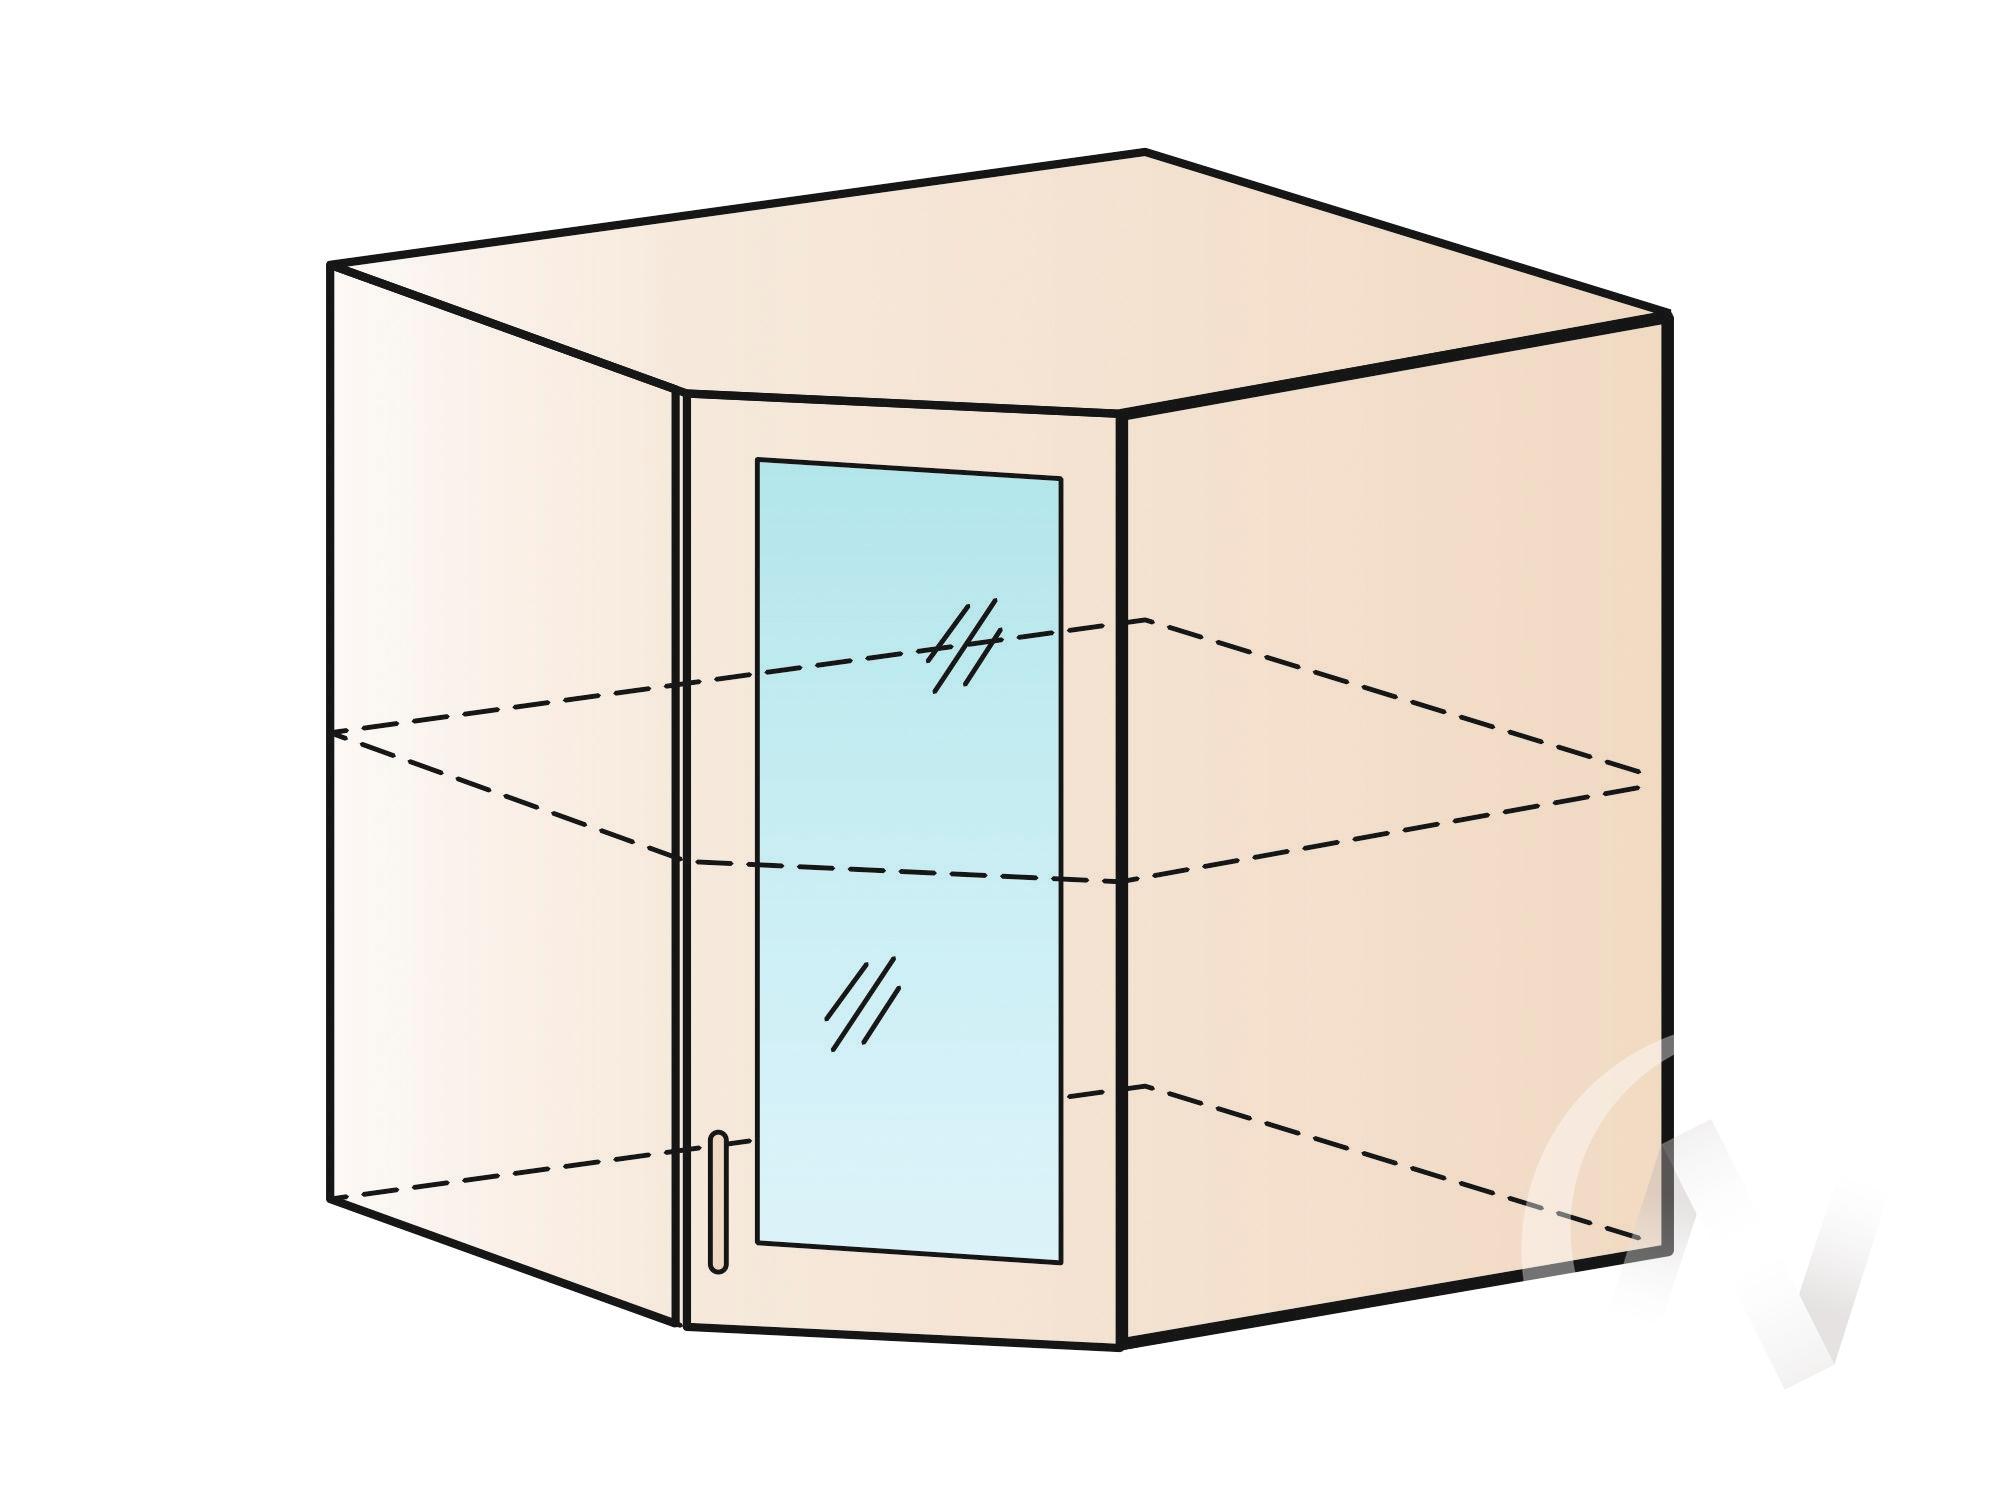 """Кухня """"Люкс"""": Шкаф верхний угловой со стеклом 590, ШВУС 590 (Шелк венге/корпус венге) в Томске — авторская мебель Экостиль"""